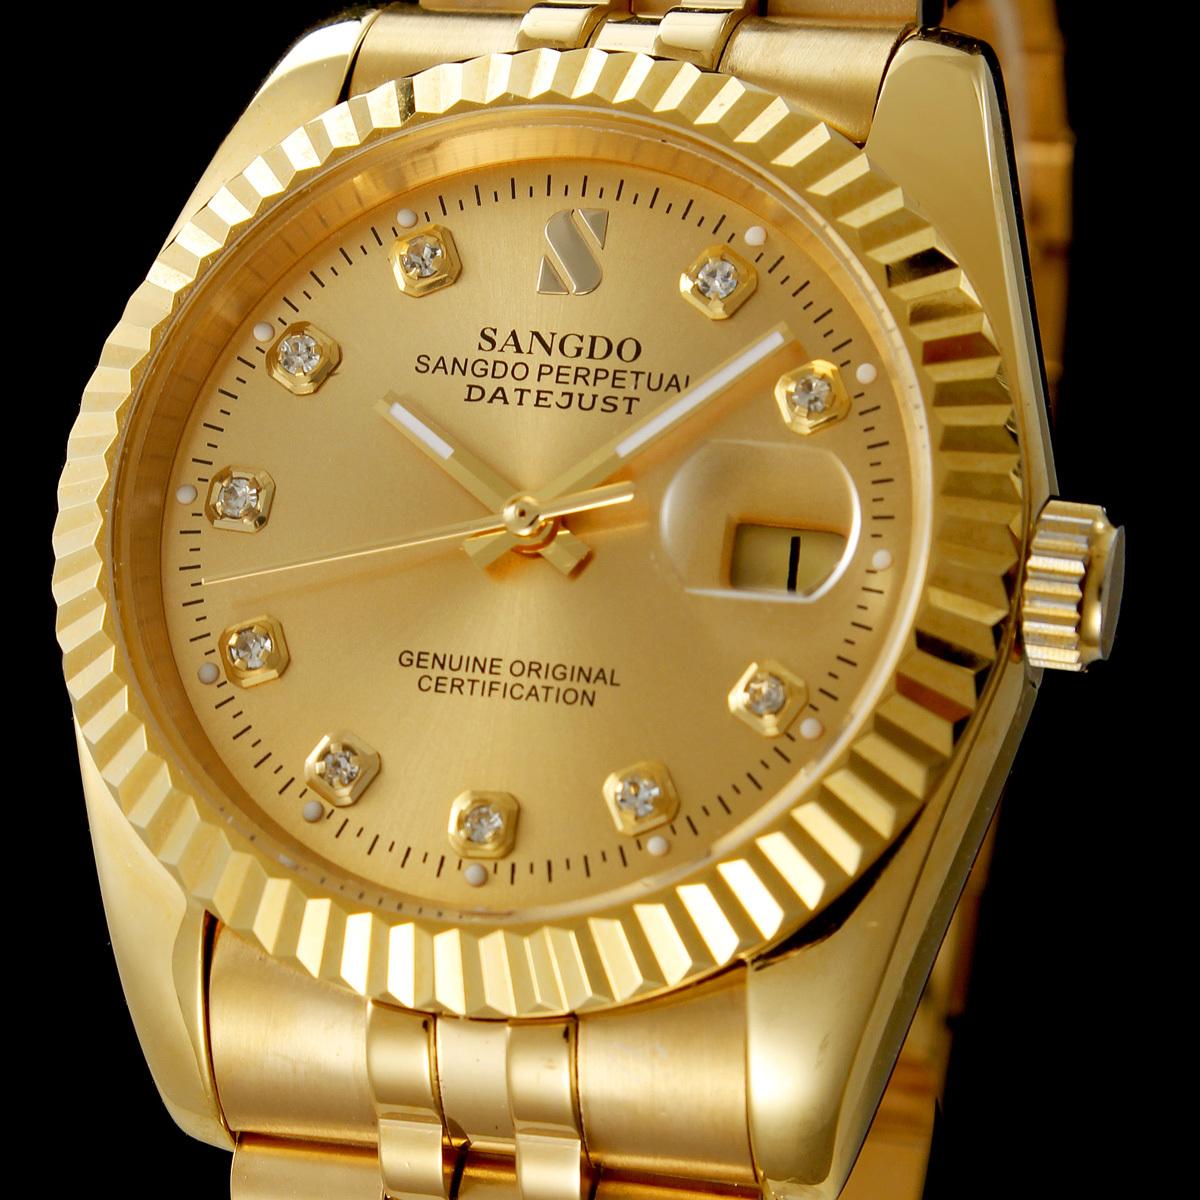 特价情侣 正品香港桑德手表 18K金表 镶钻日历全自动机械男表